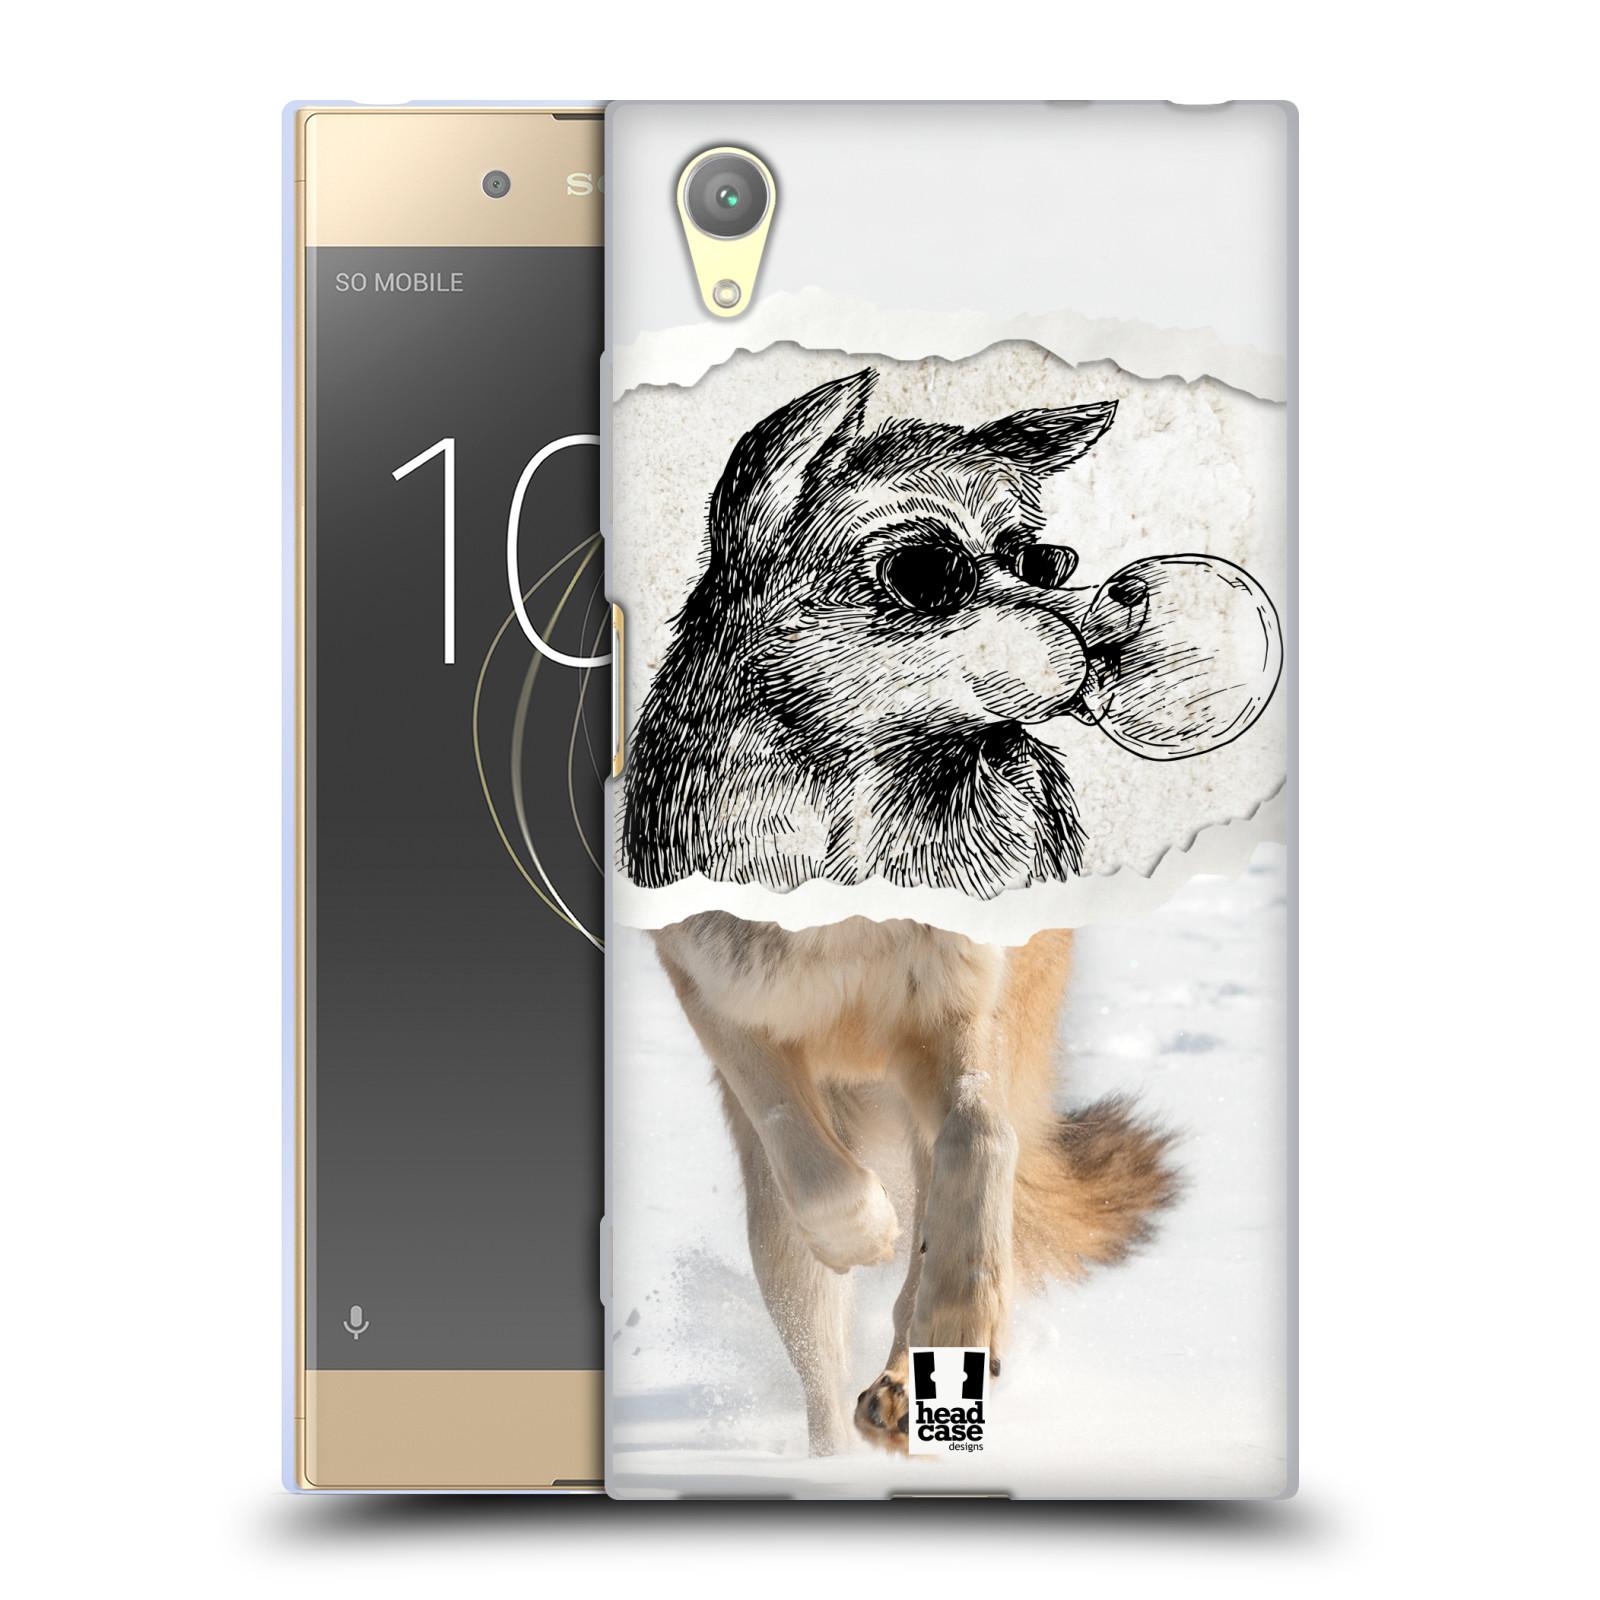 HEAD CASE silikonový obal na mobil Sony Xperia XA1 PLUS vzor zvířata koláž vlk pohodář